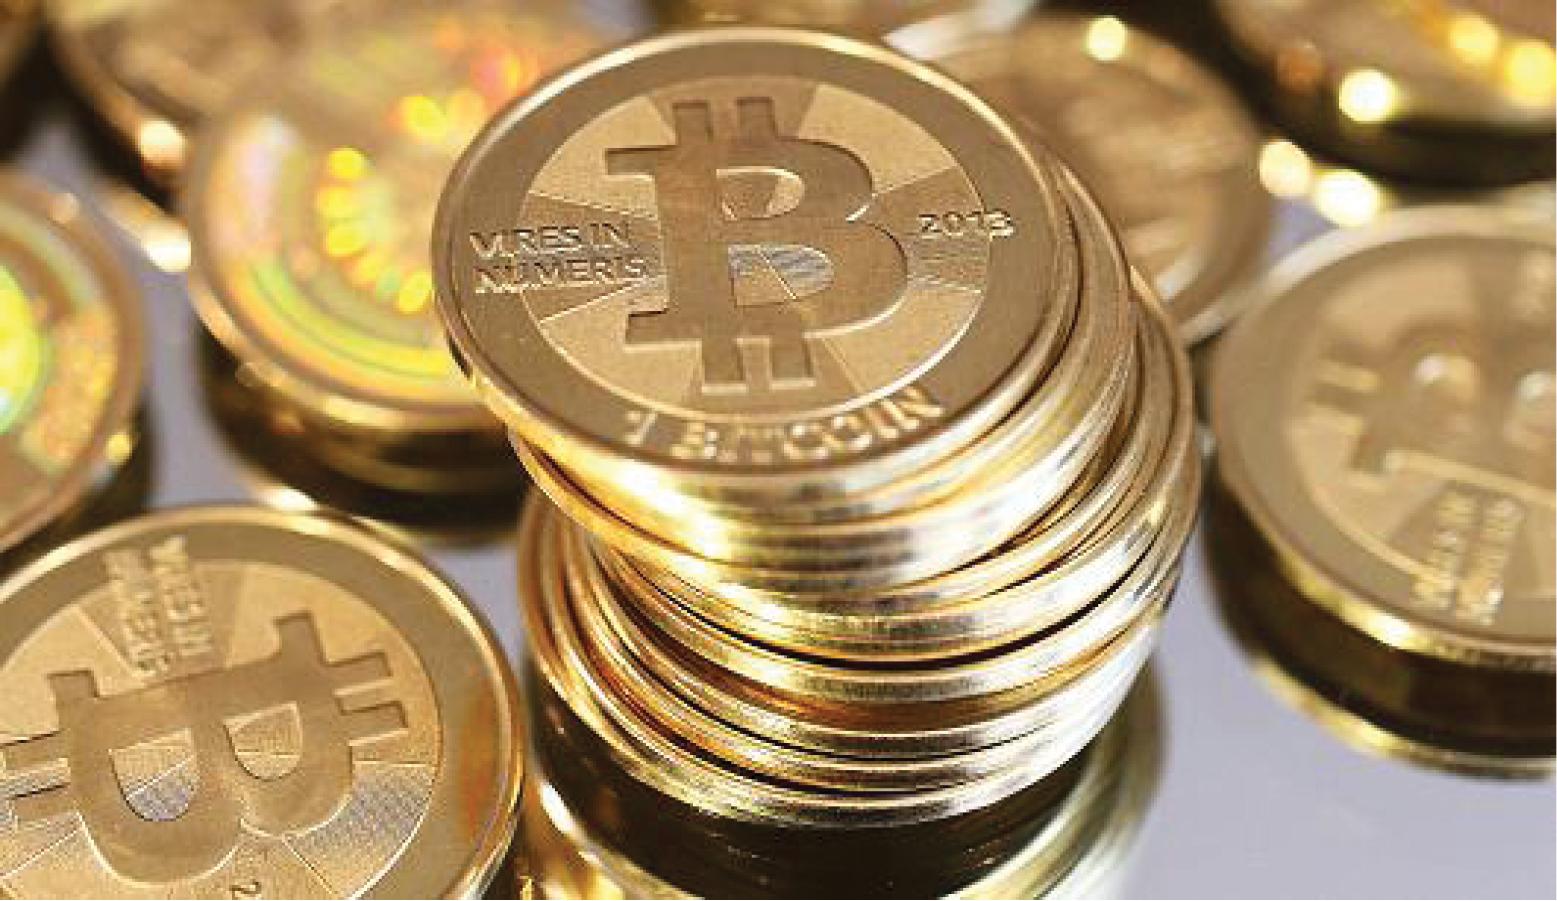 اولین بانک ارزهای رمزنگار در سوئیس ایجاد میشود